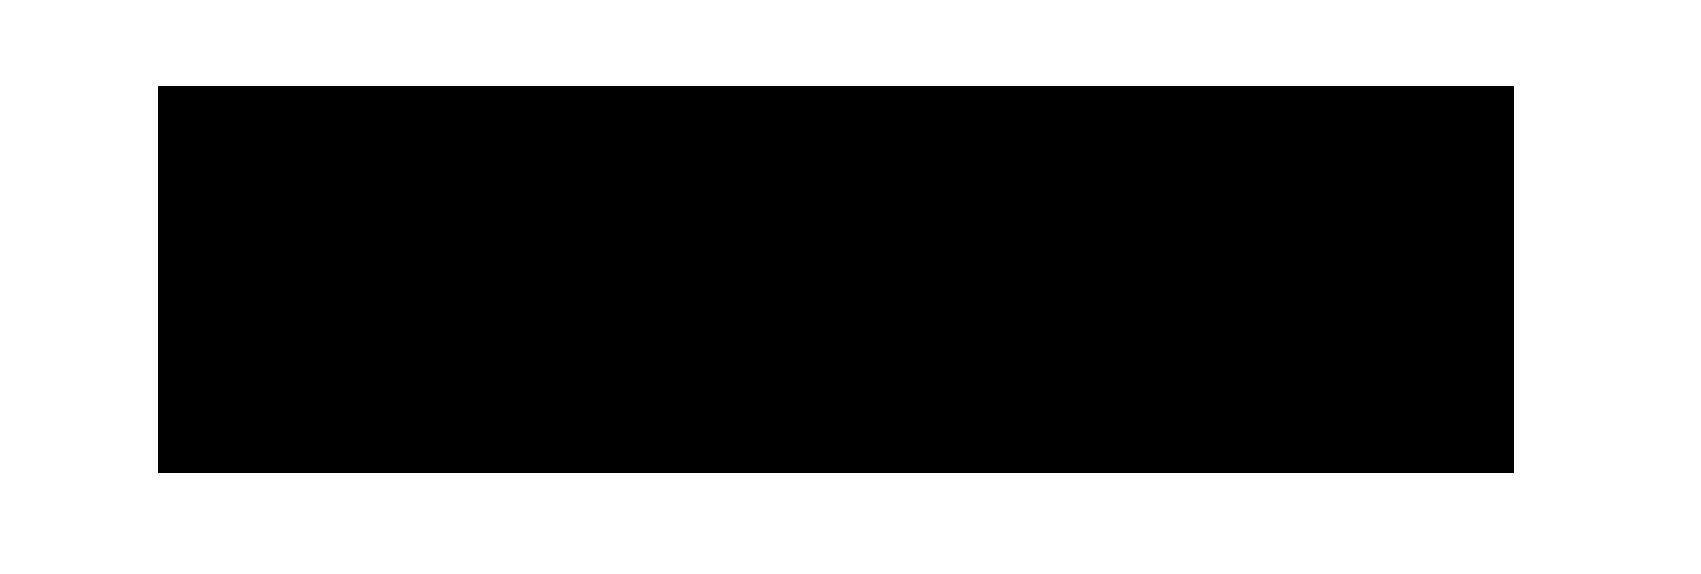 CombatGent_Logos_black.png